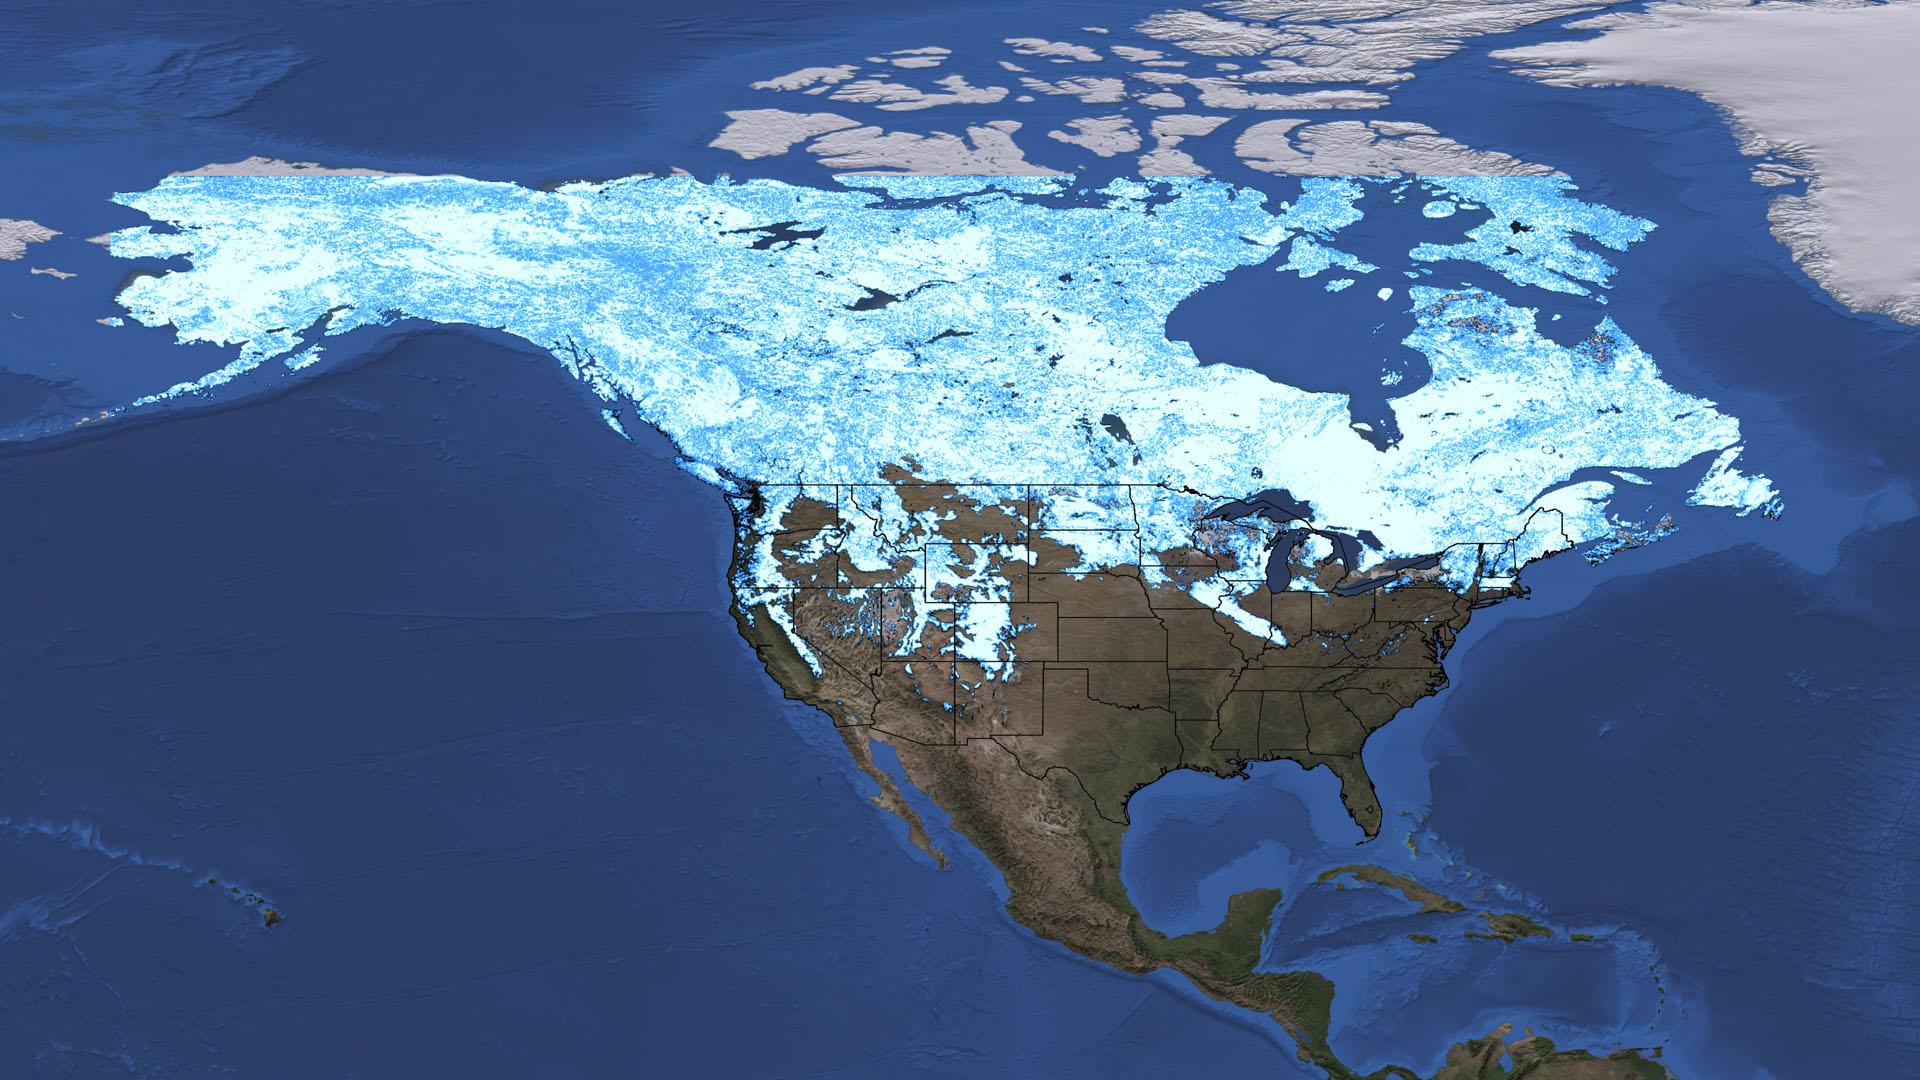 NASA Viz: Winter, Interrupted